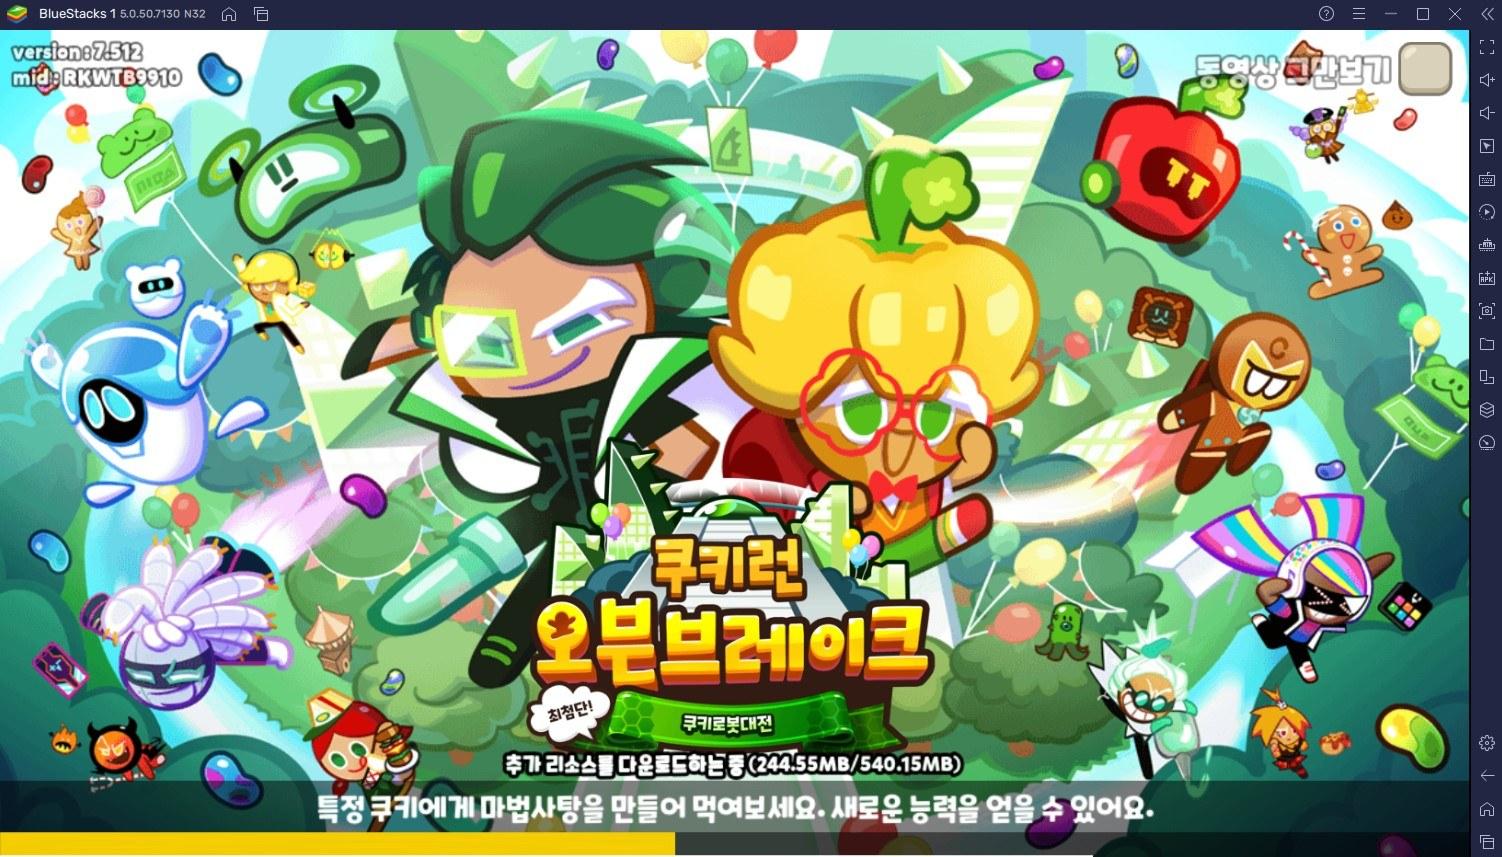 쿠키런 오븐브레이크 신규 커스텀런, PC에서 블루스택 앱플레이어로 달려보자!